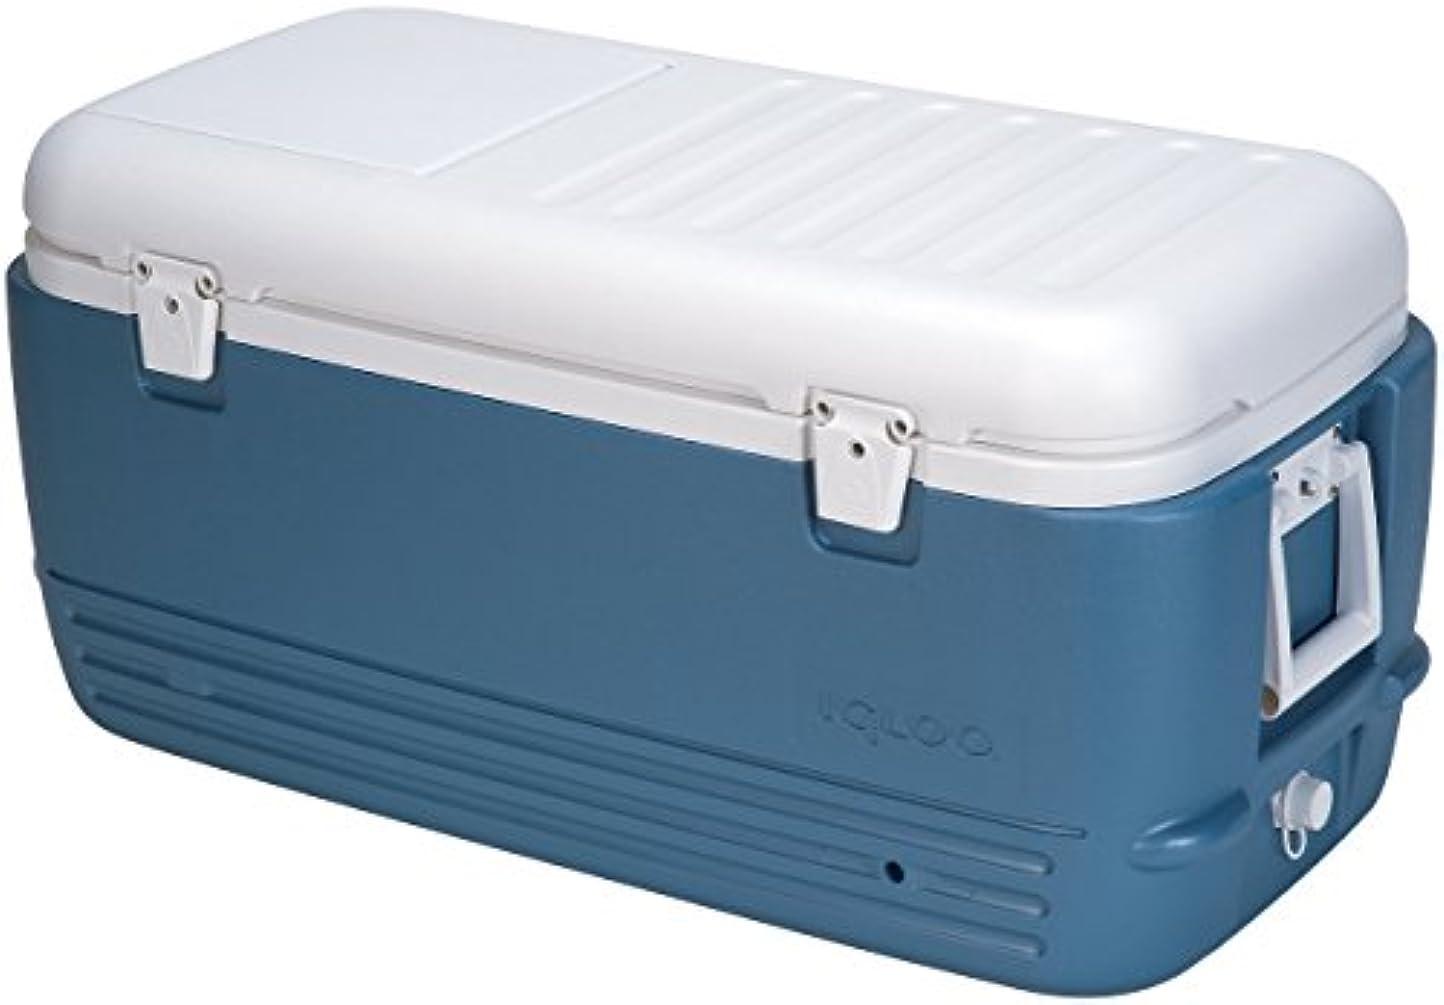 コスチューム誓い復讐igloo(イグルー) クーラーボックス マックスコールド MAXCOLD 100 I.BLUE 44361